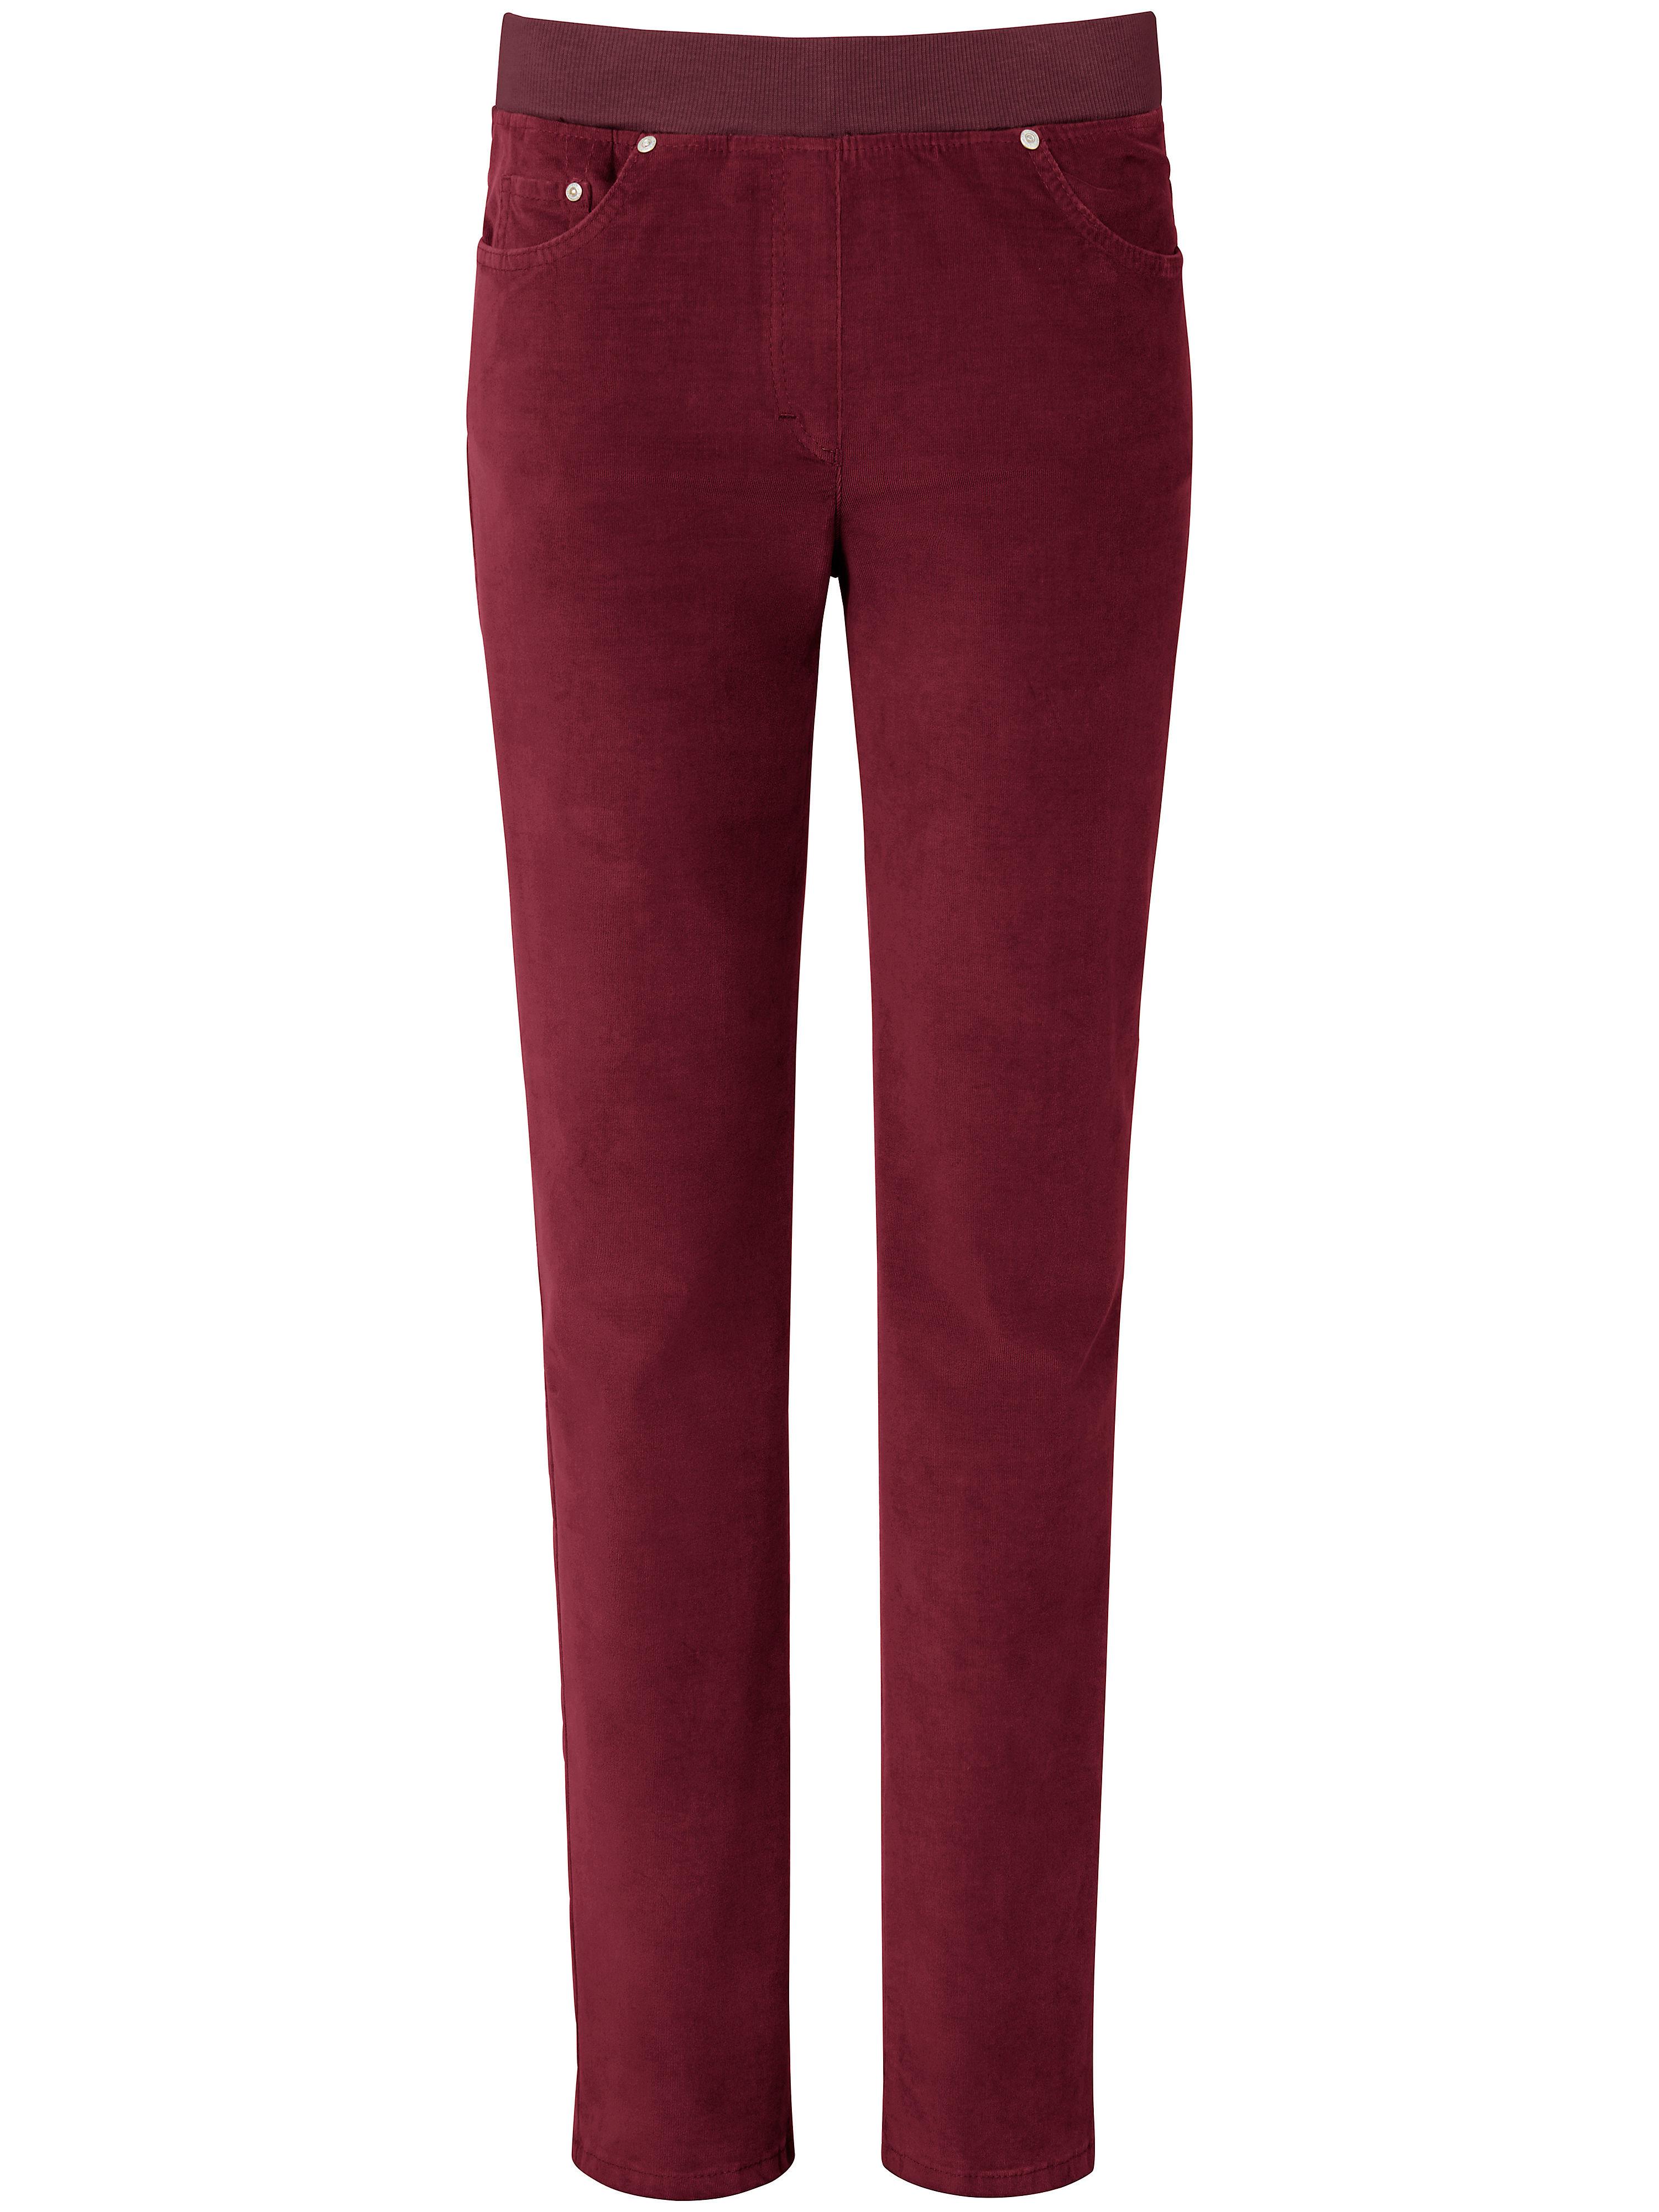 Le pantalon  Raphaela by Brax rouge taille 19